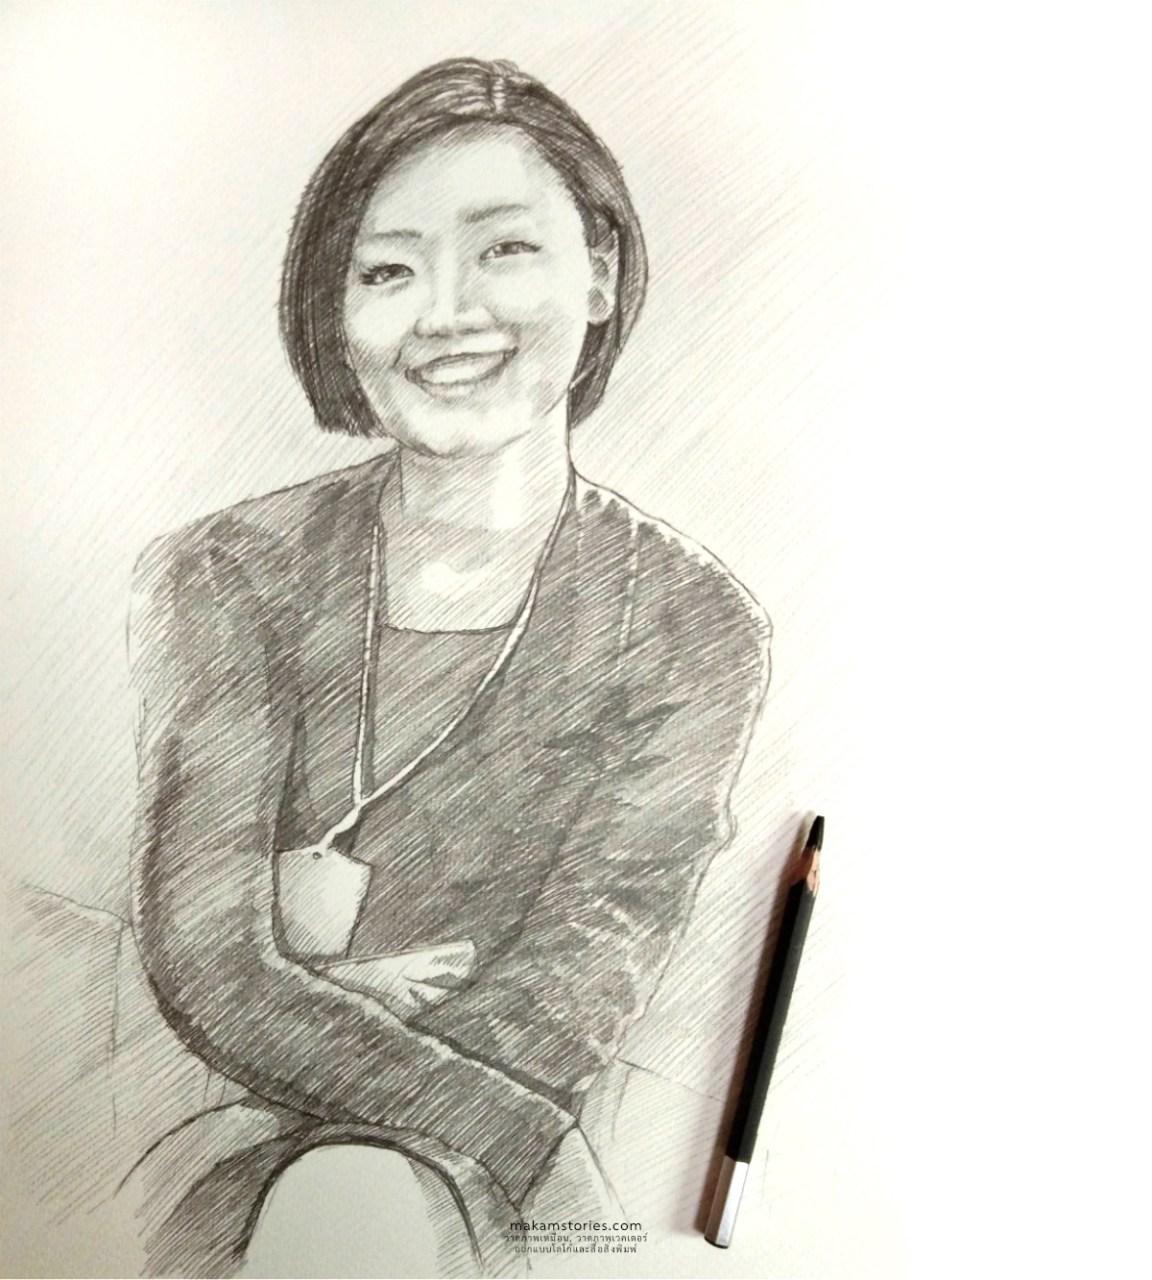 ภาพวาดลายเส้น ภาพเหมือนผู้หญิง Drawing Portrait